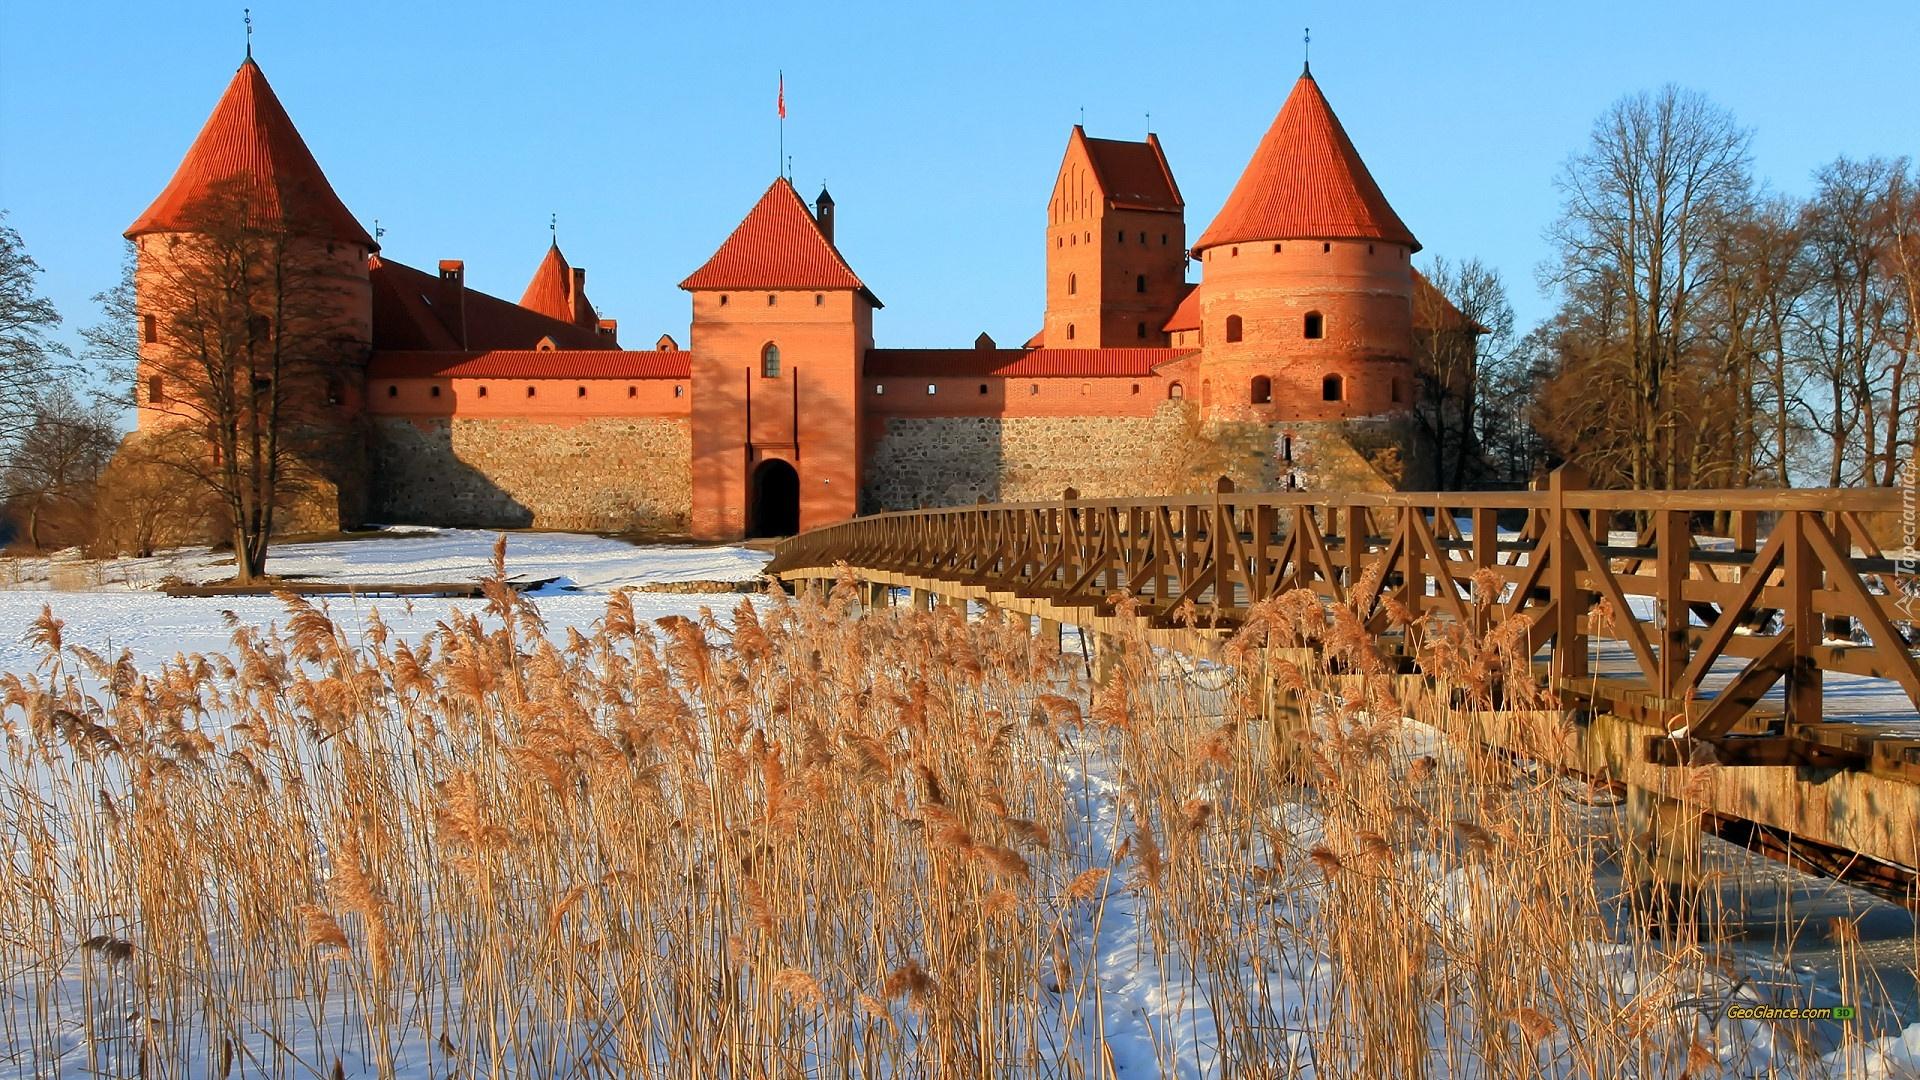 Zamek w Trokach, Litwa, Zima